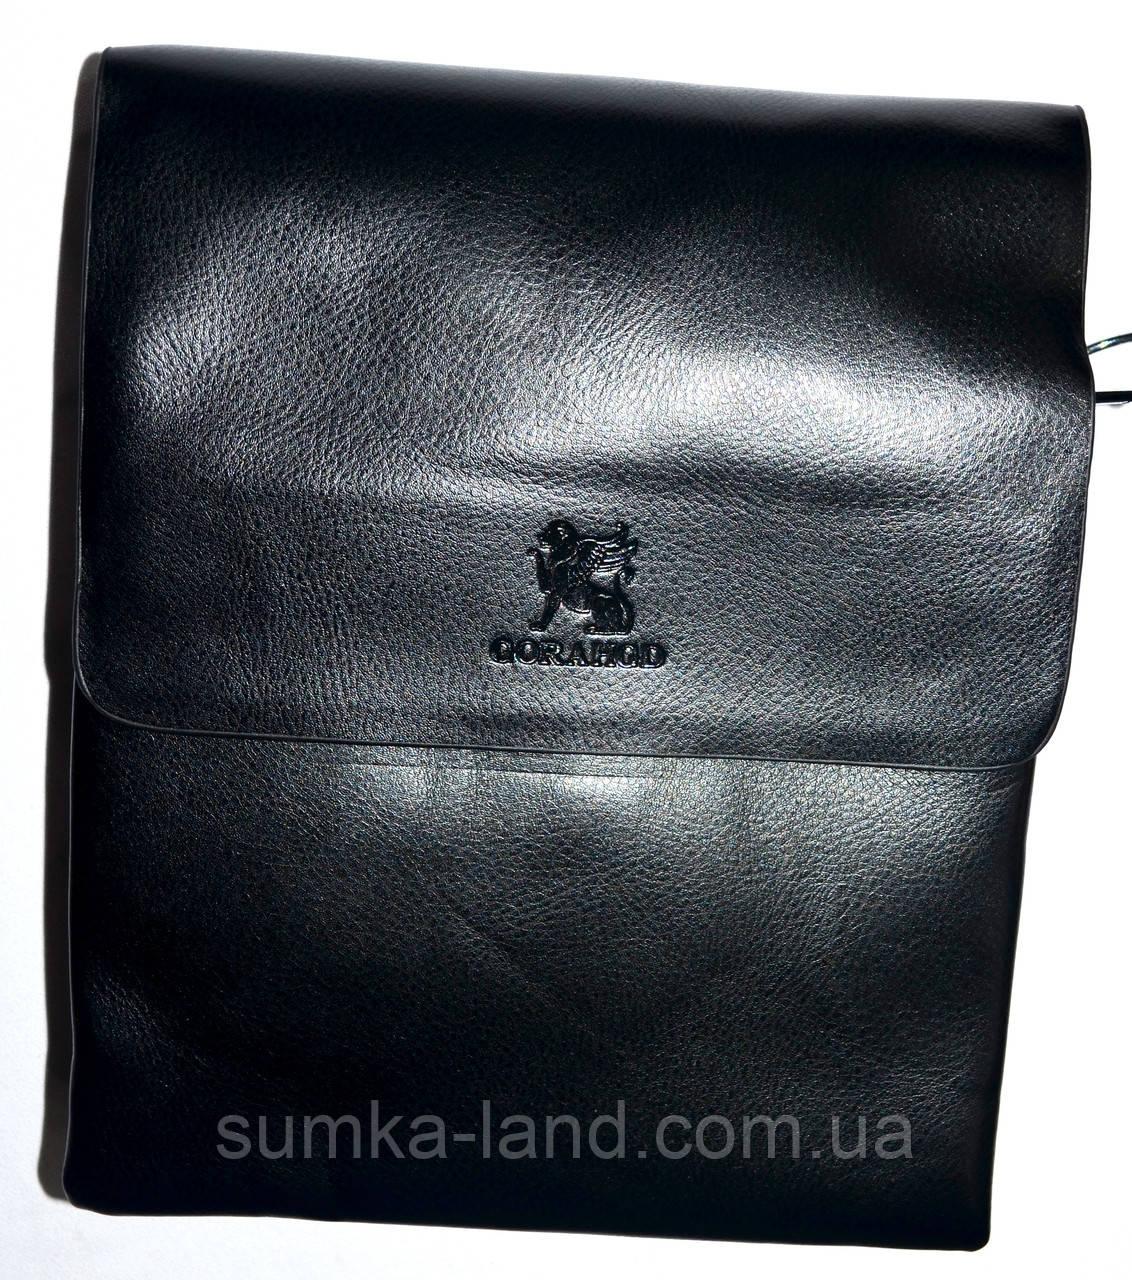 Мужская черная кожаная сумка барсетка на плечо 21*25 см